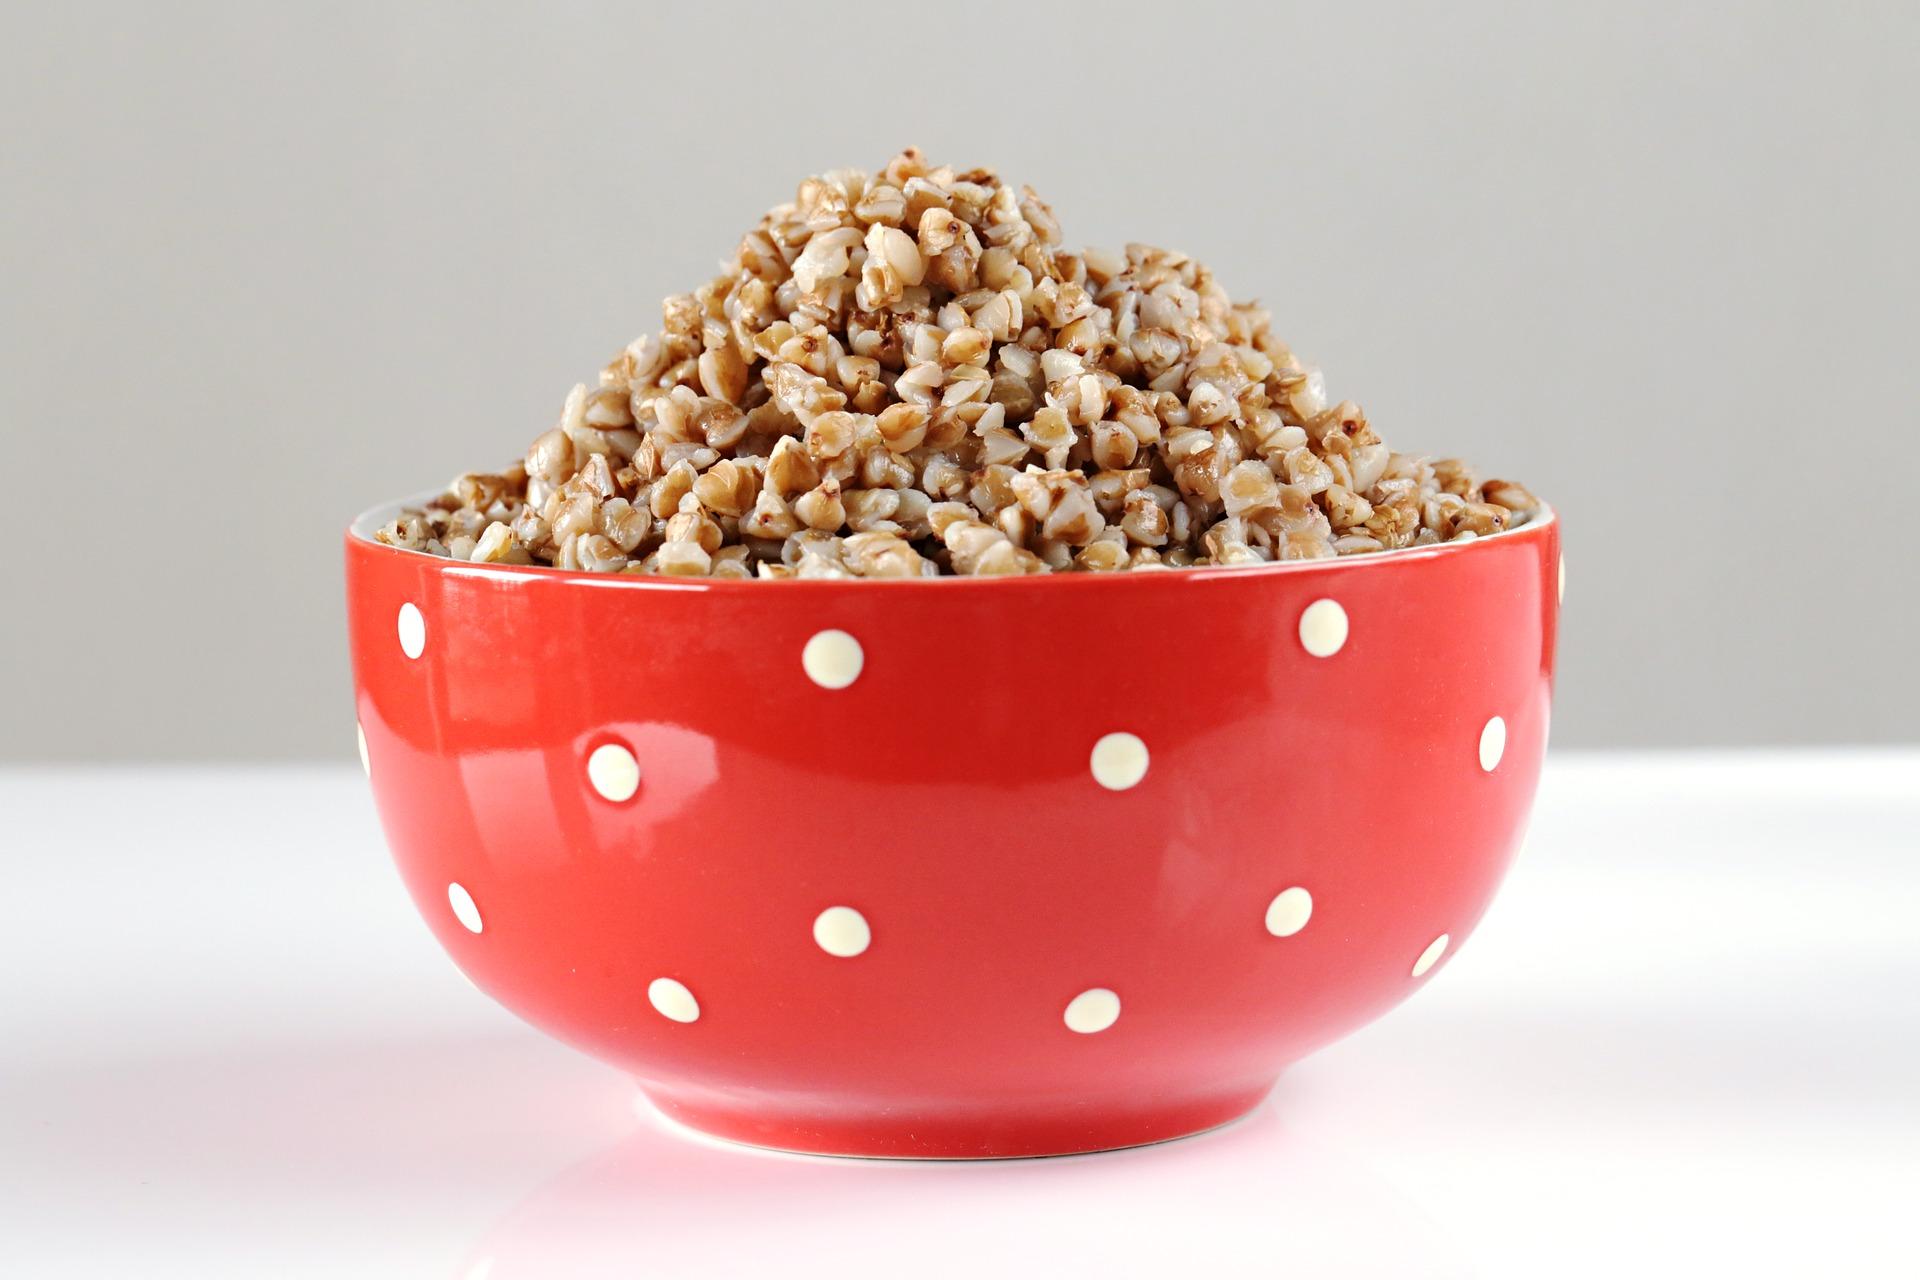 buckwheat-3356778_1920